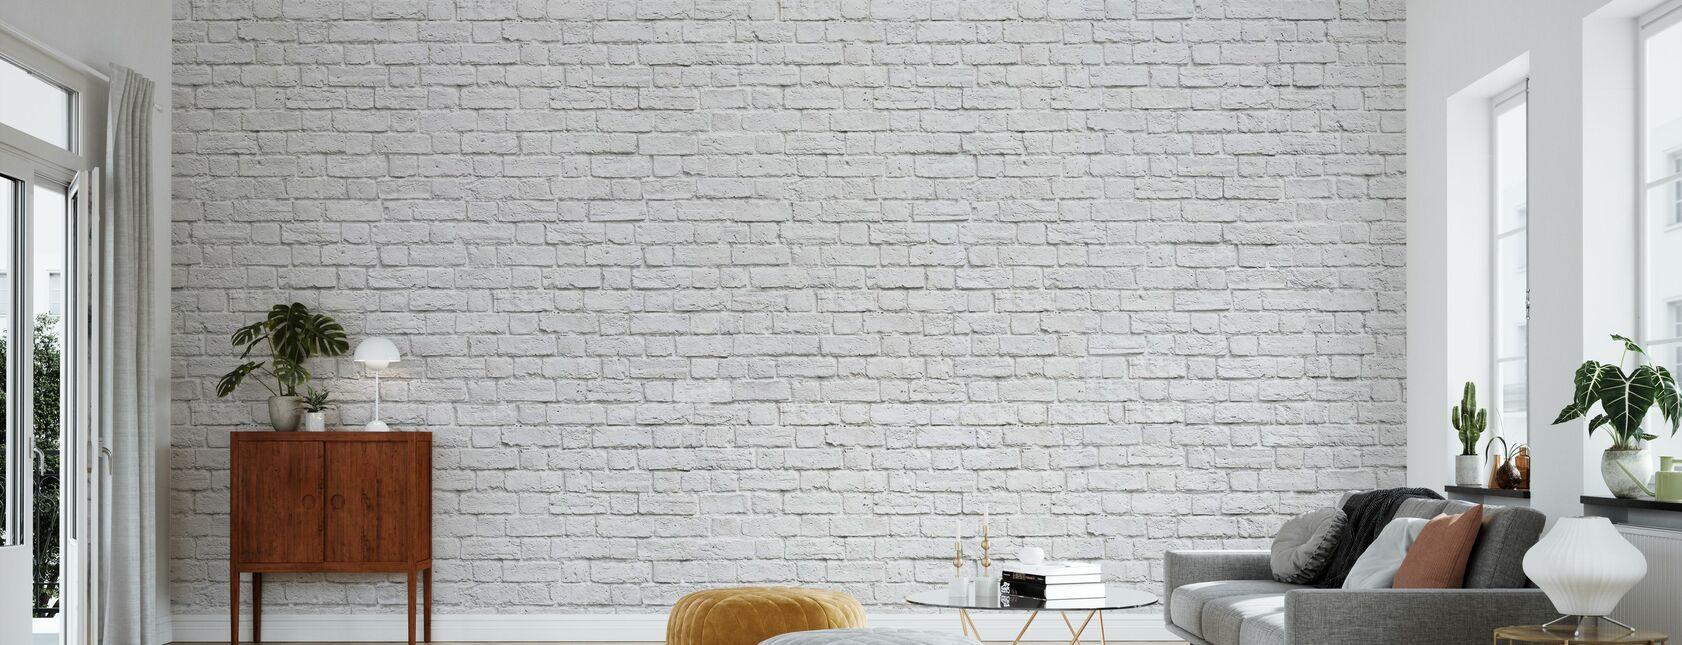 Mur de Brique - Blanc - Papier peint - Salle à manger